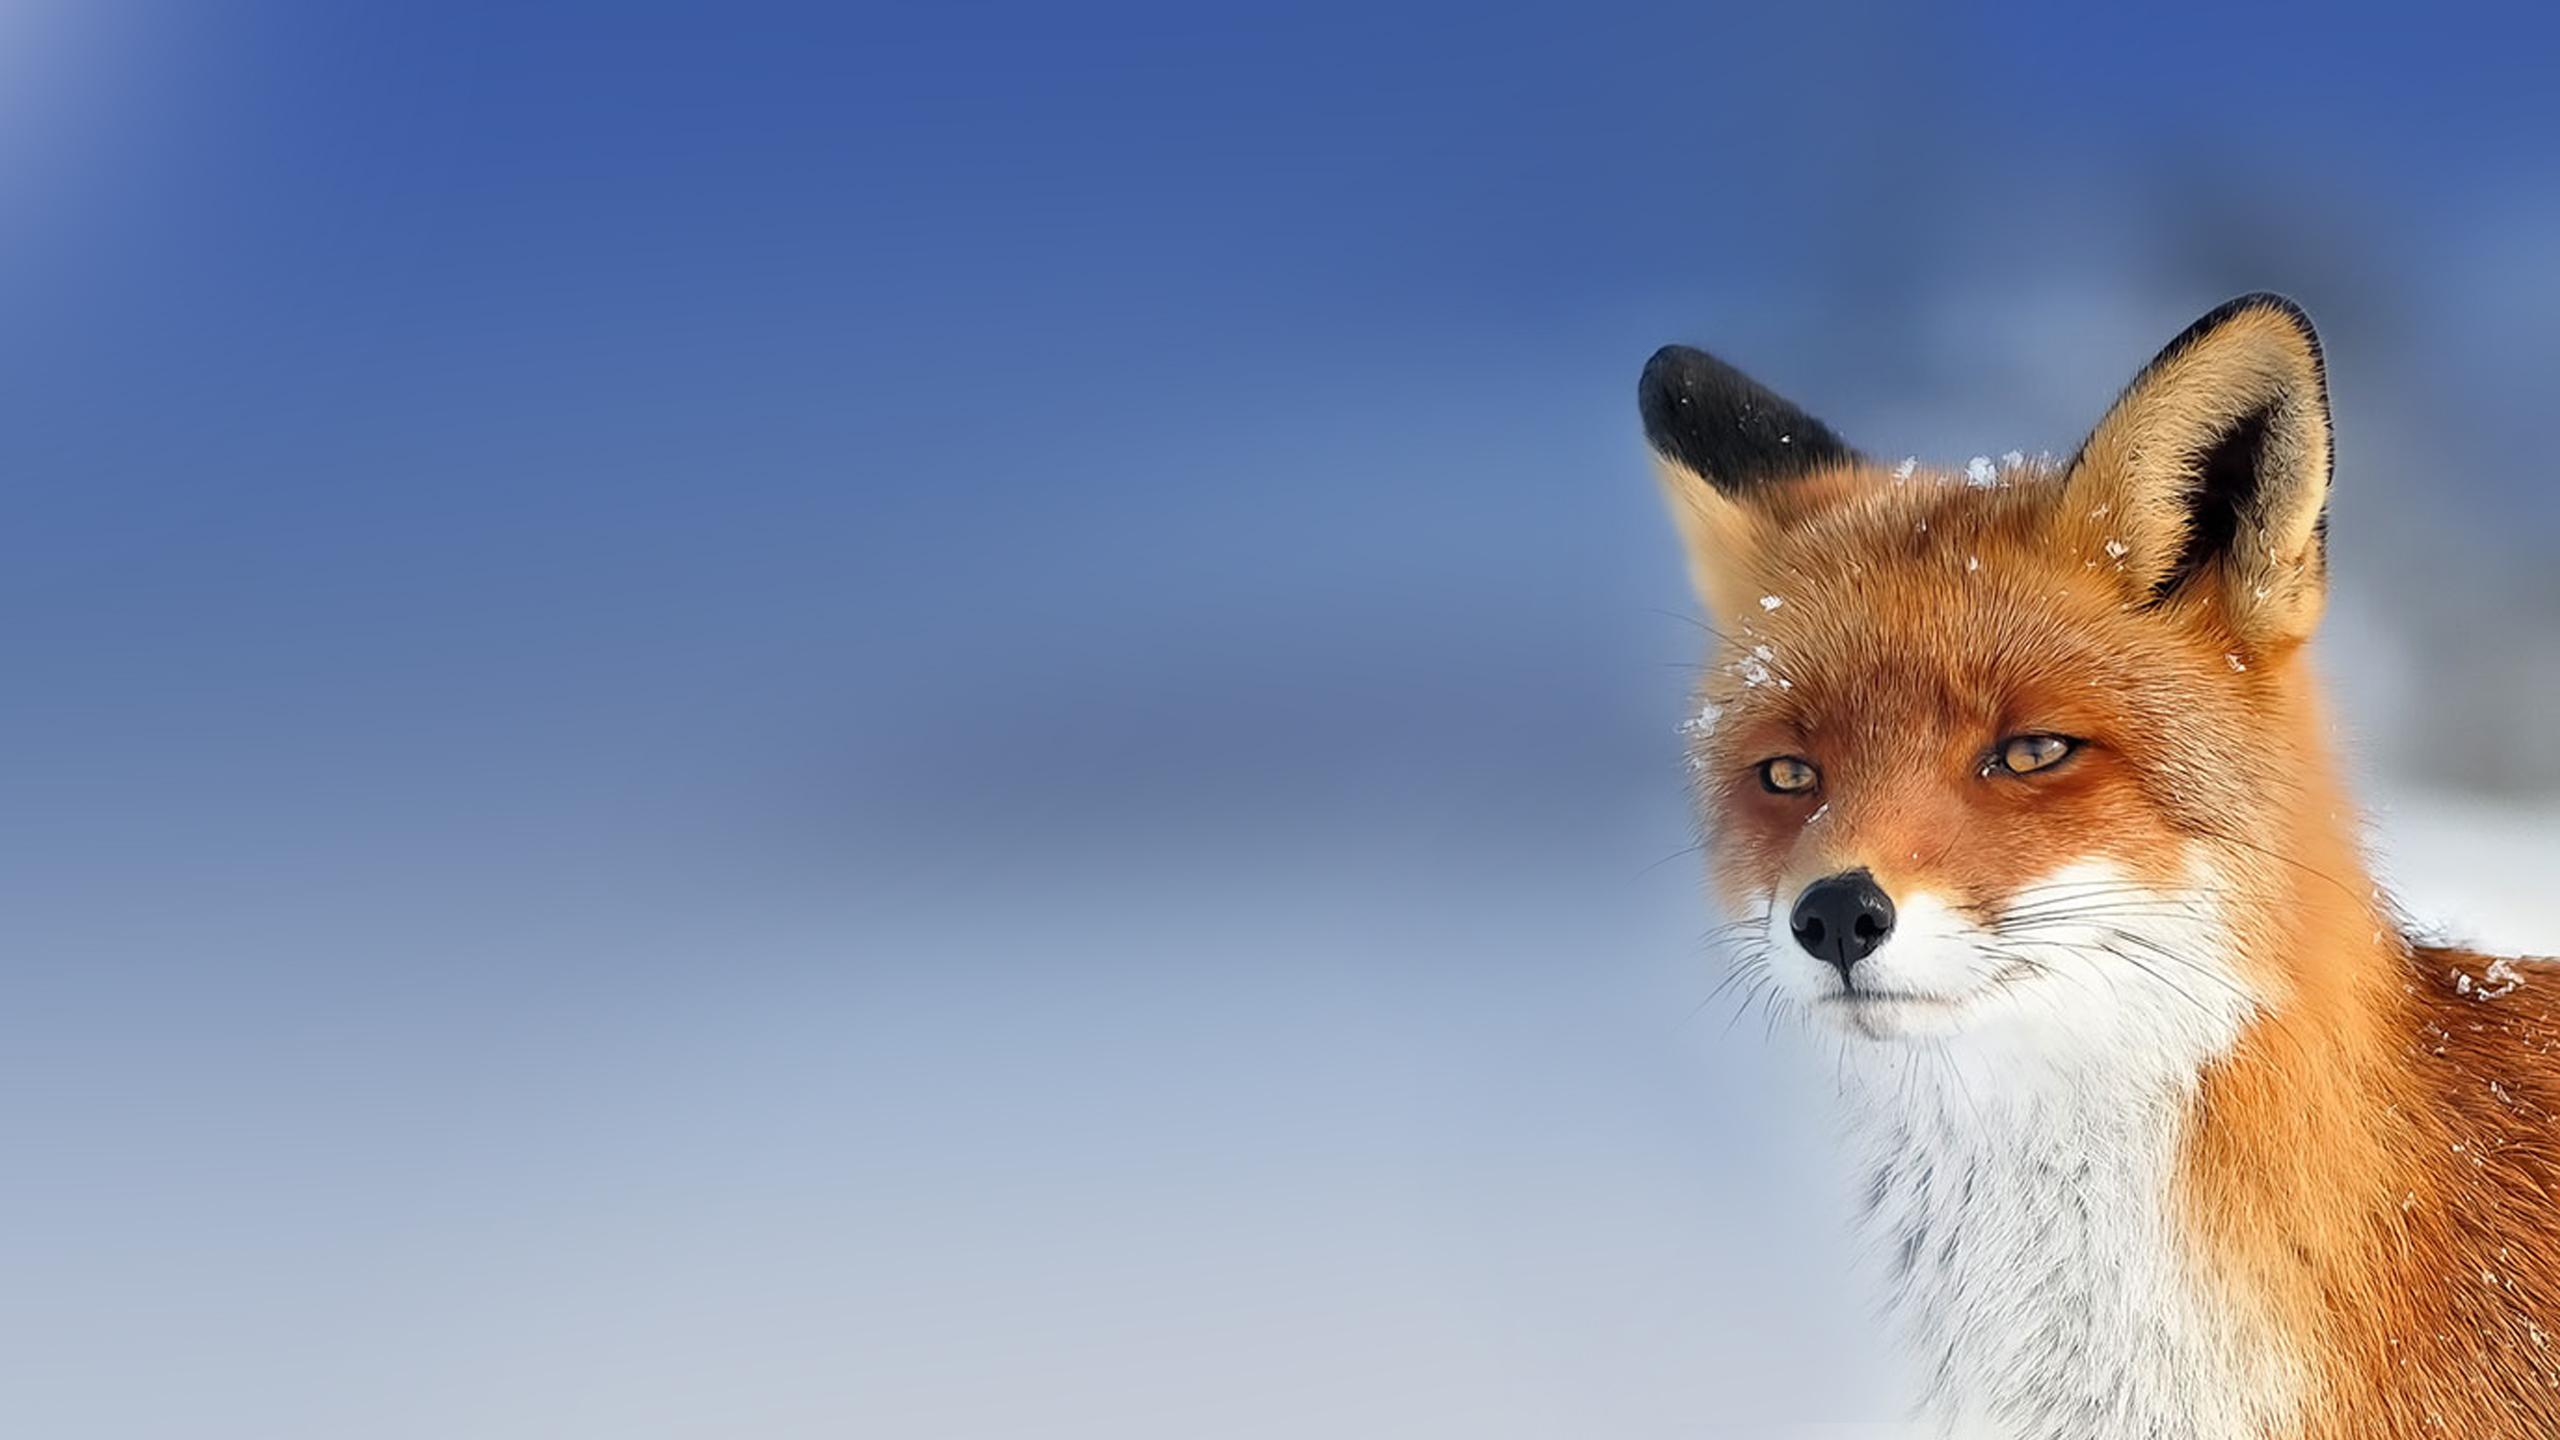 Hd Beautiful Wild Fox Wallpaper Hd Full Size 2560 X 1440